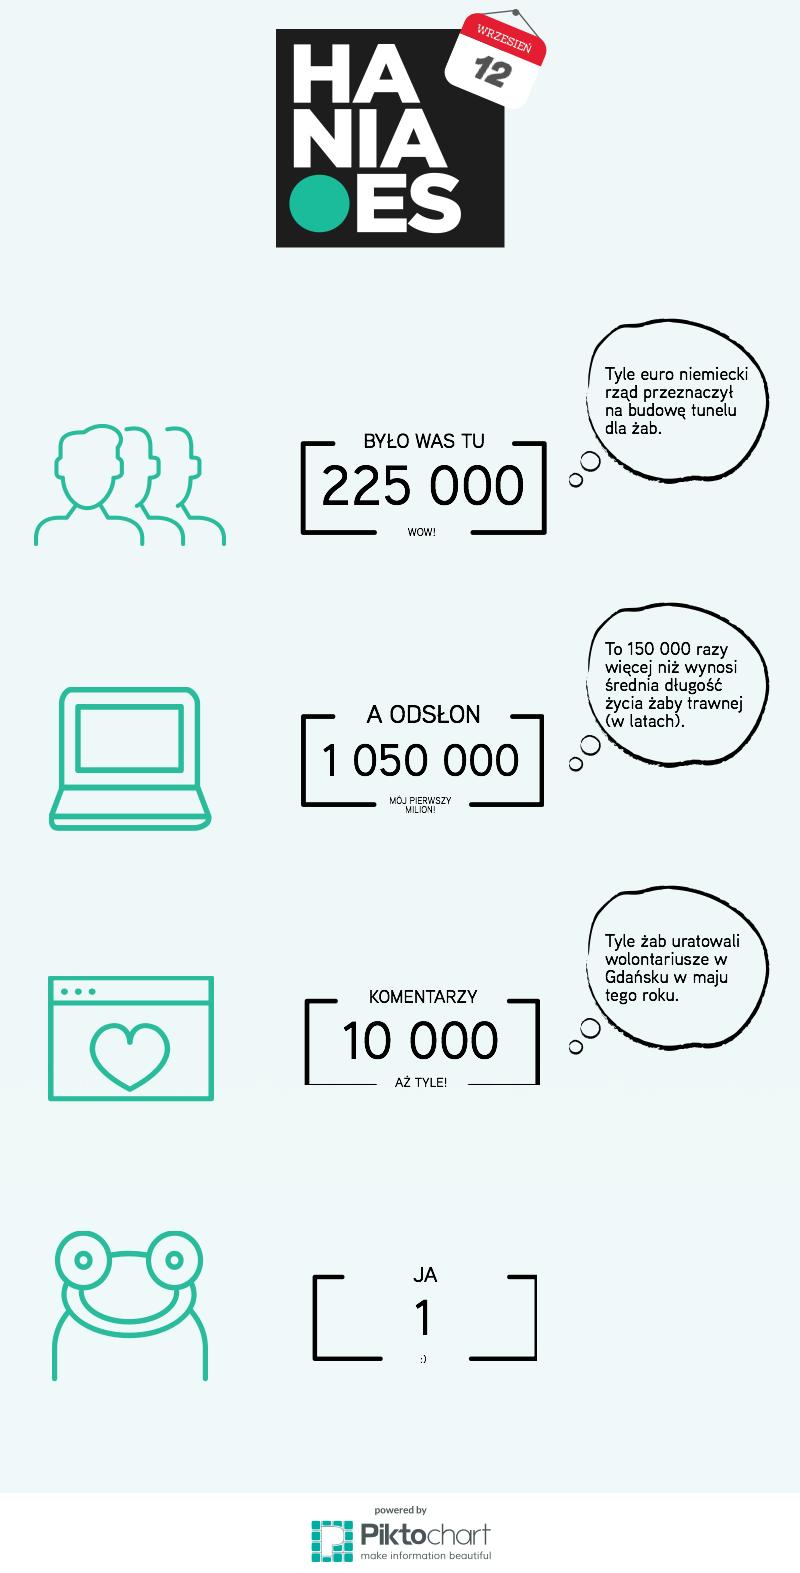 hania.es infografika na rok